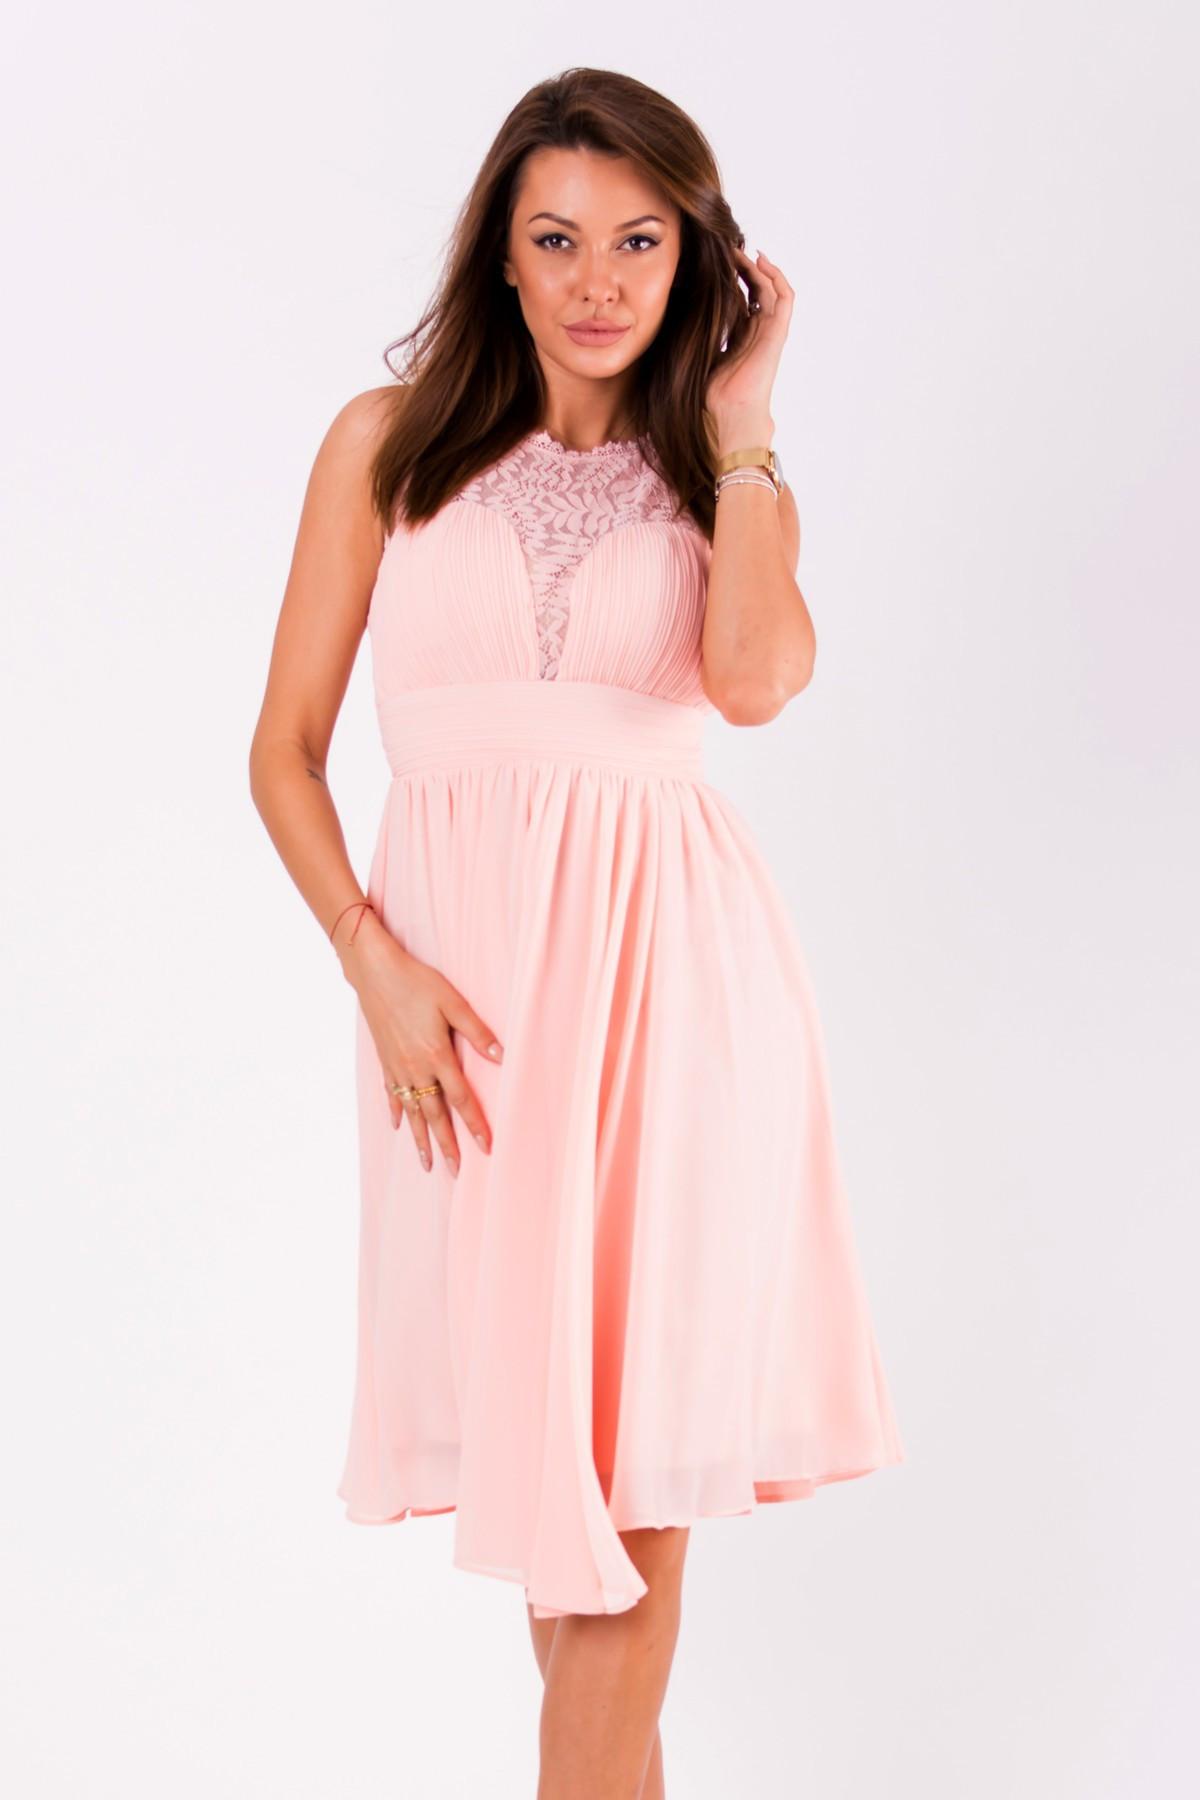 Dámske spoločenské šaty EVA & LOLA stredne dlhé ružové - Ružová / S - EVA & LOLA S